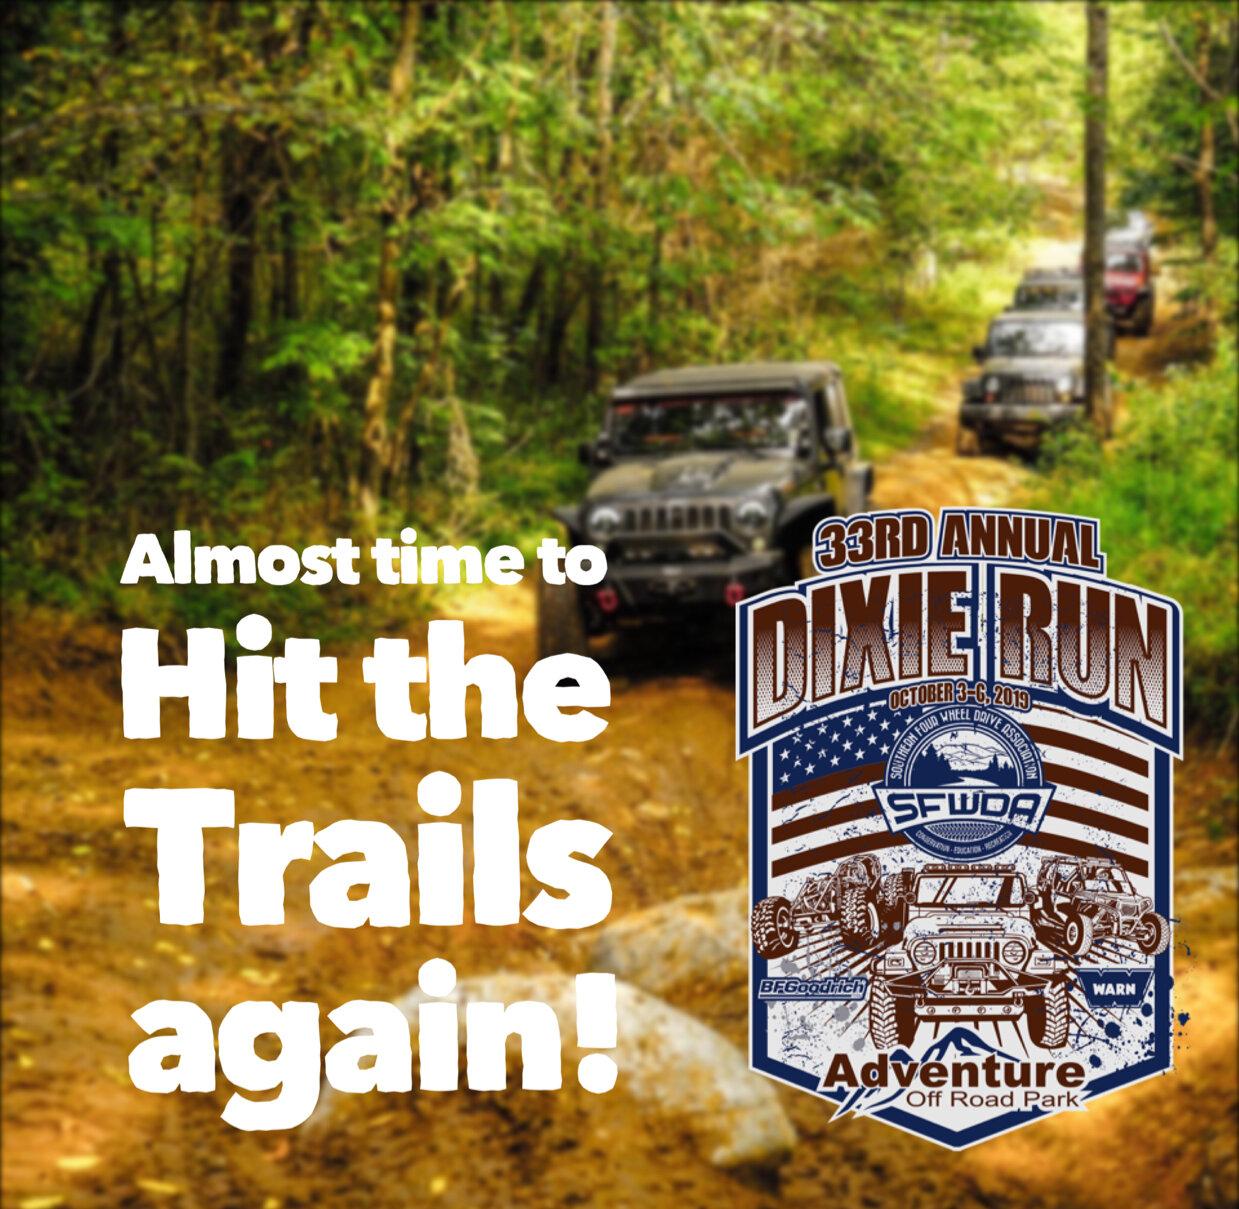 Dixie Run 33